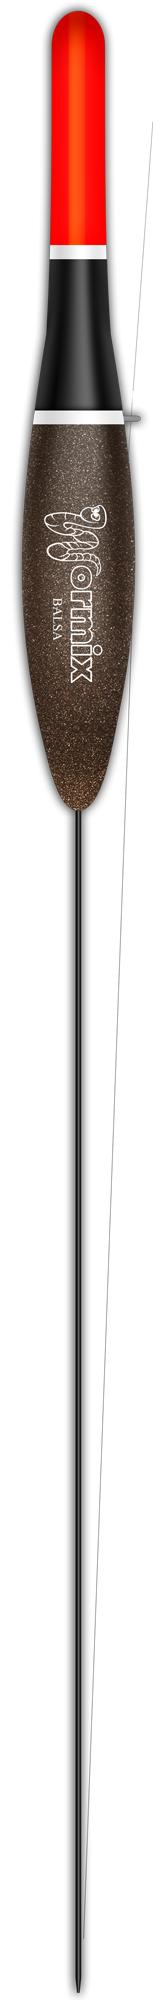 Поплавок Wormix 011 - 3 гр